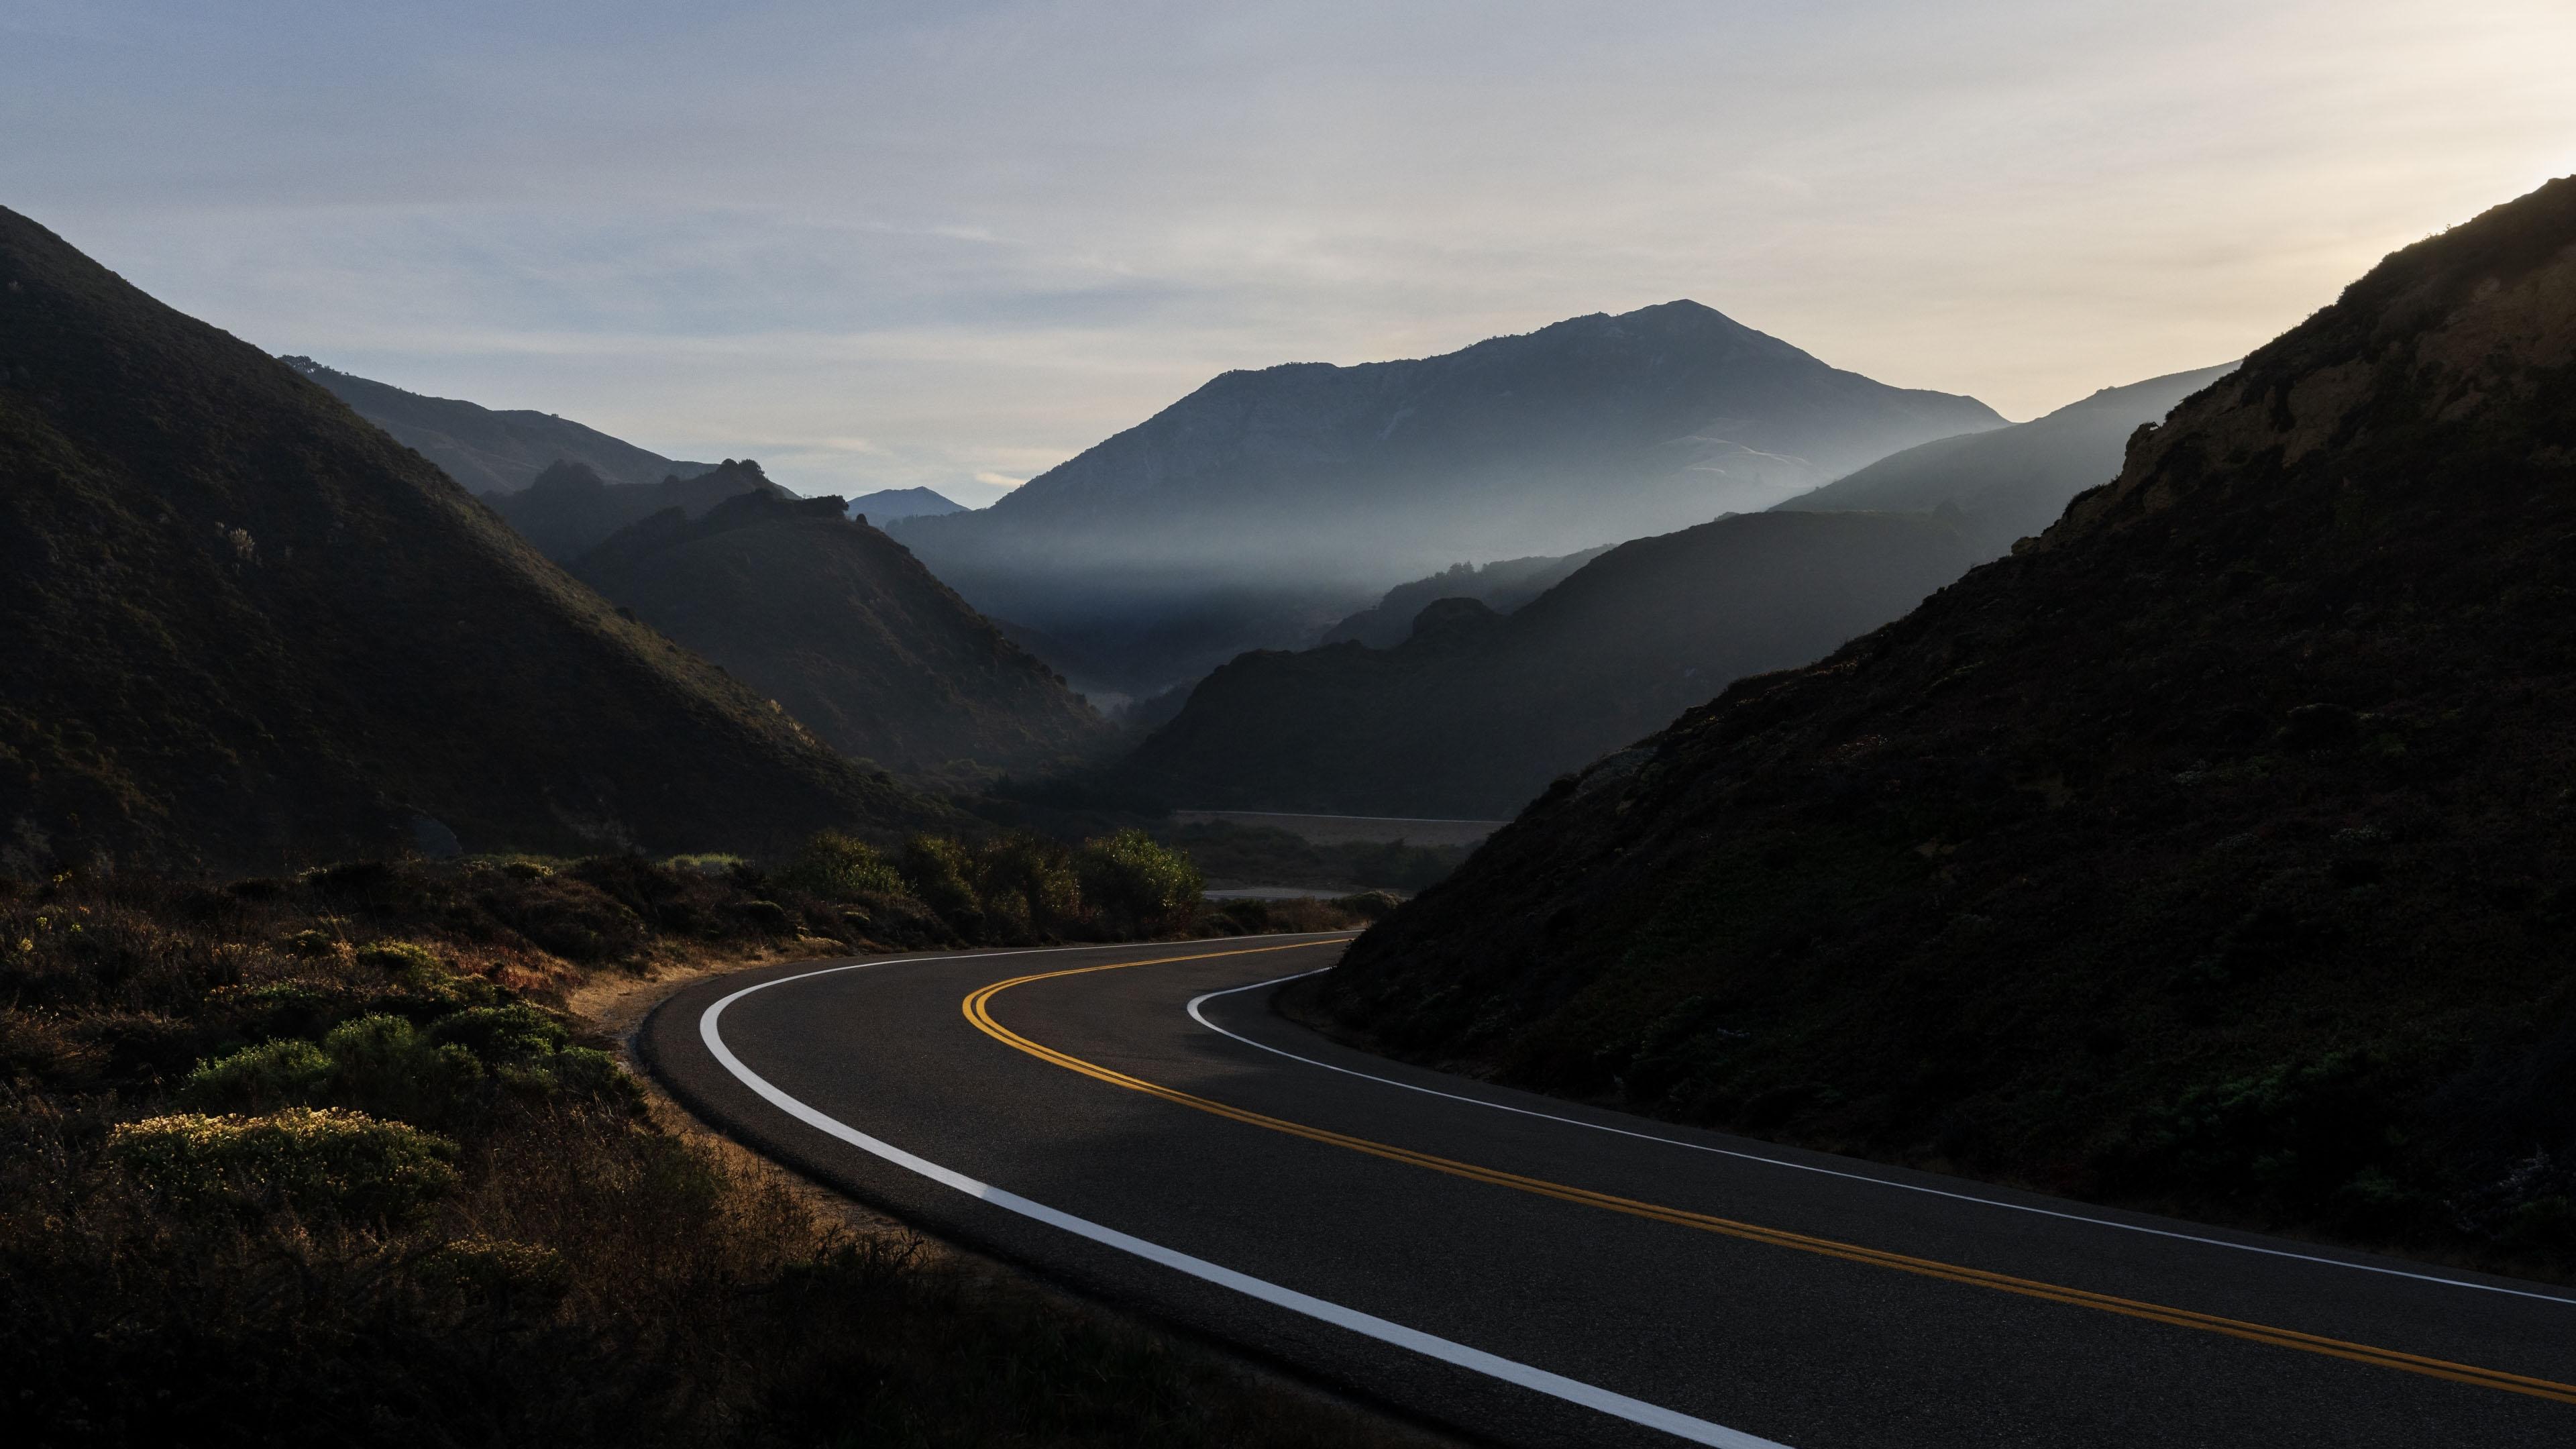 风景大片,自然风光,公路,山涧,傍晚,蜿蜒